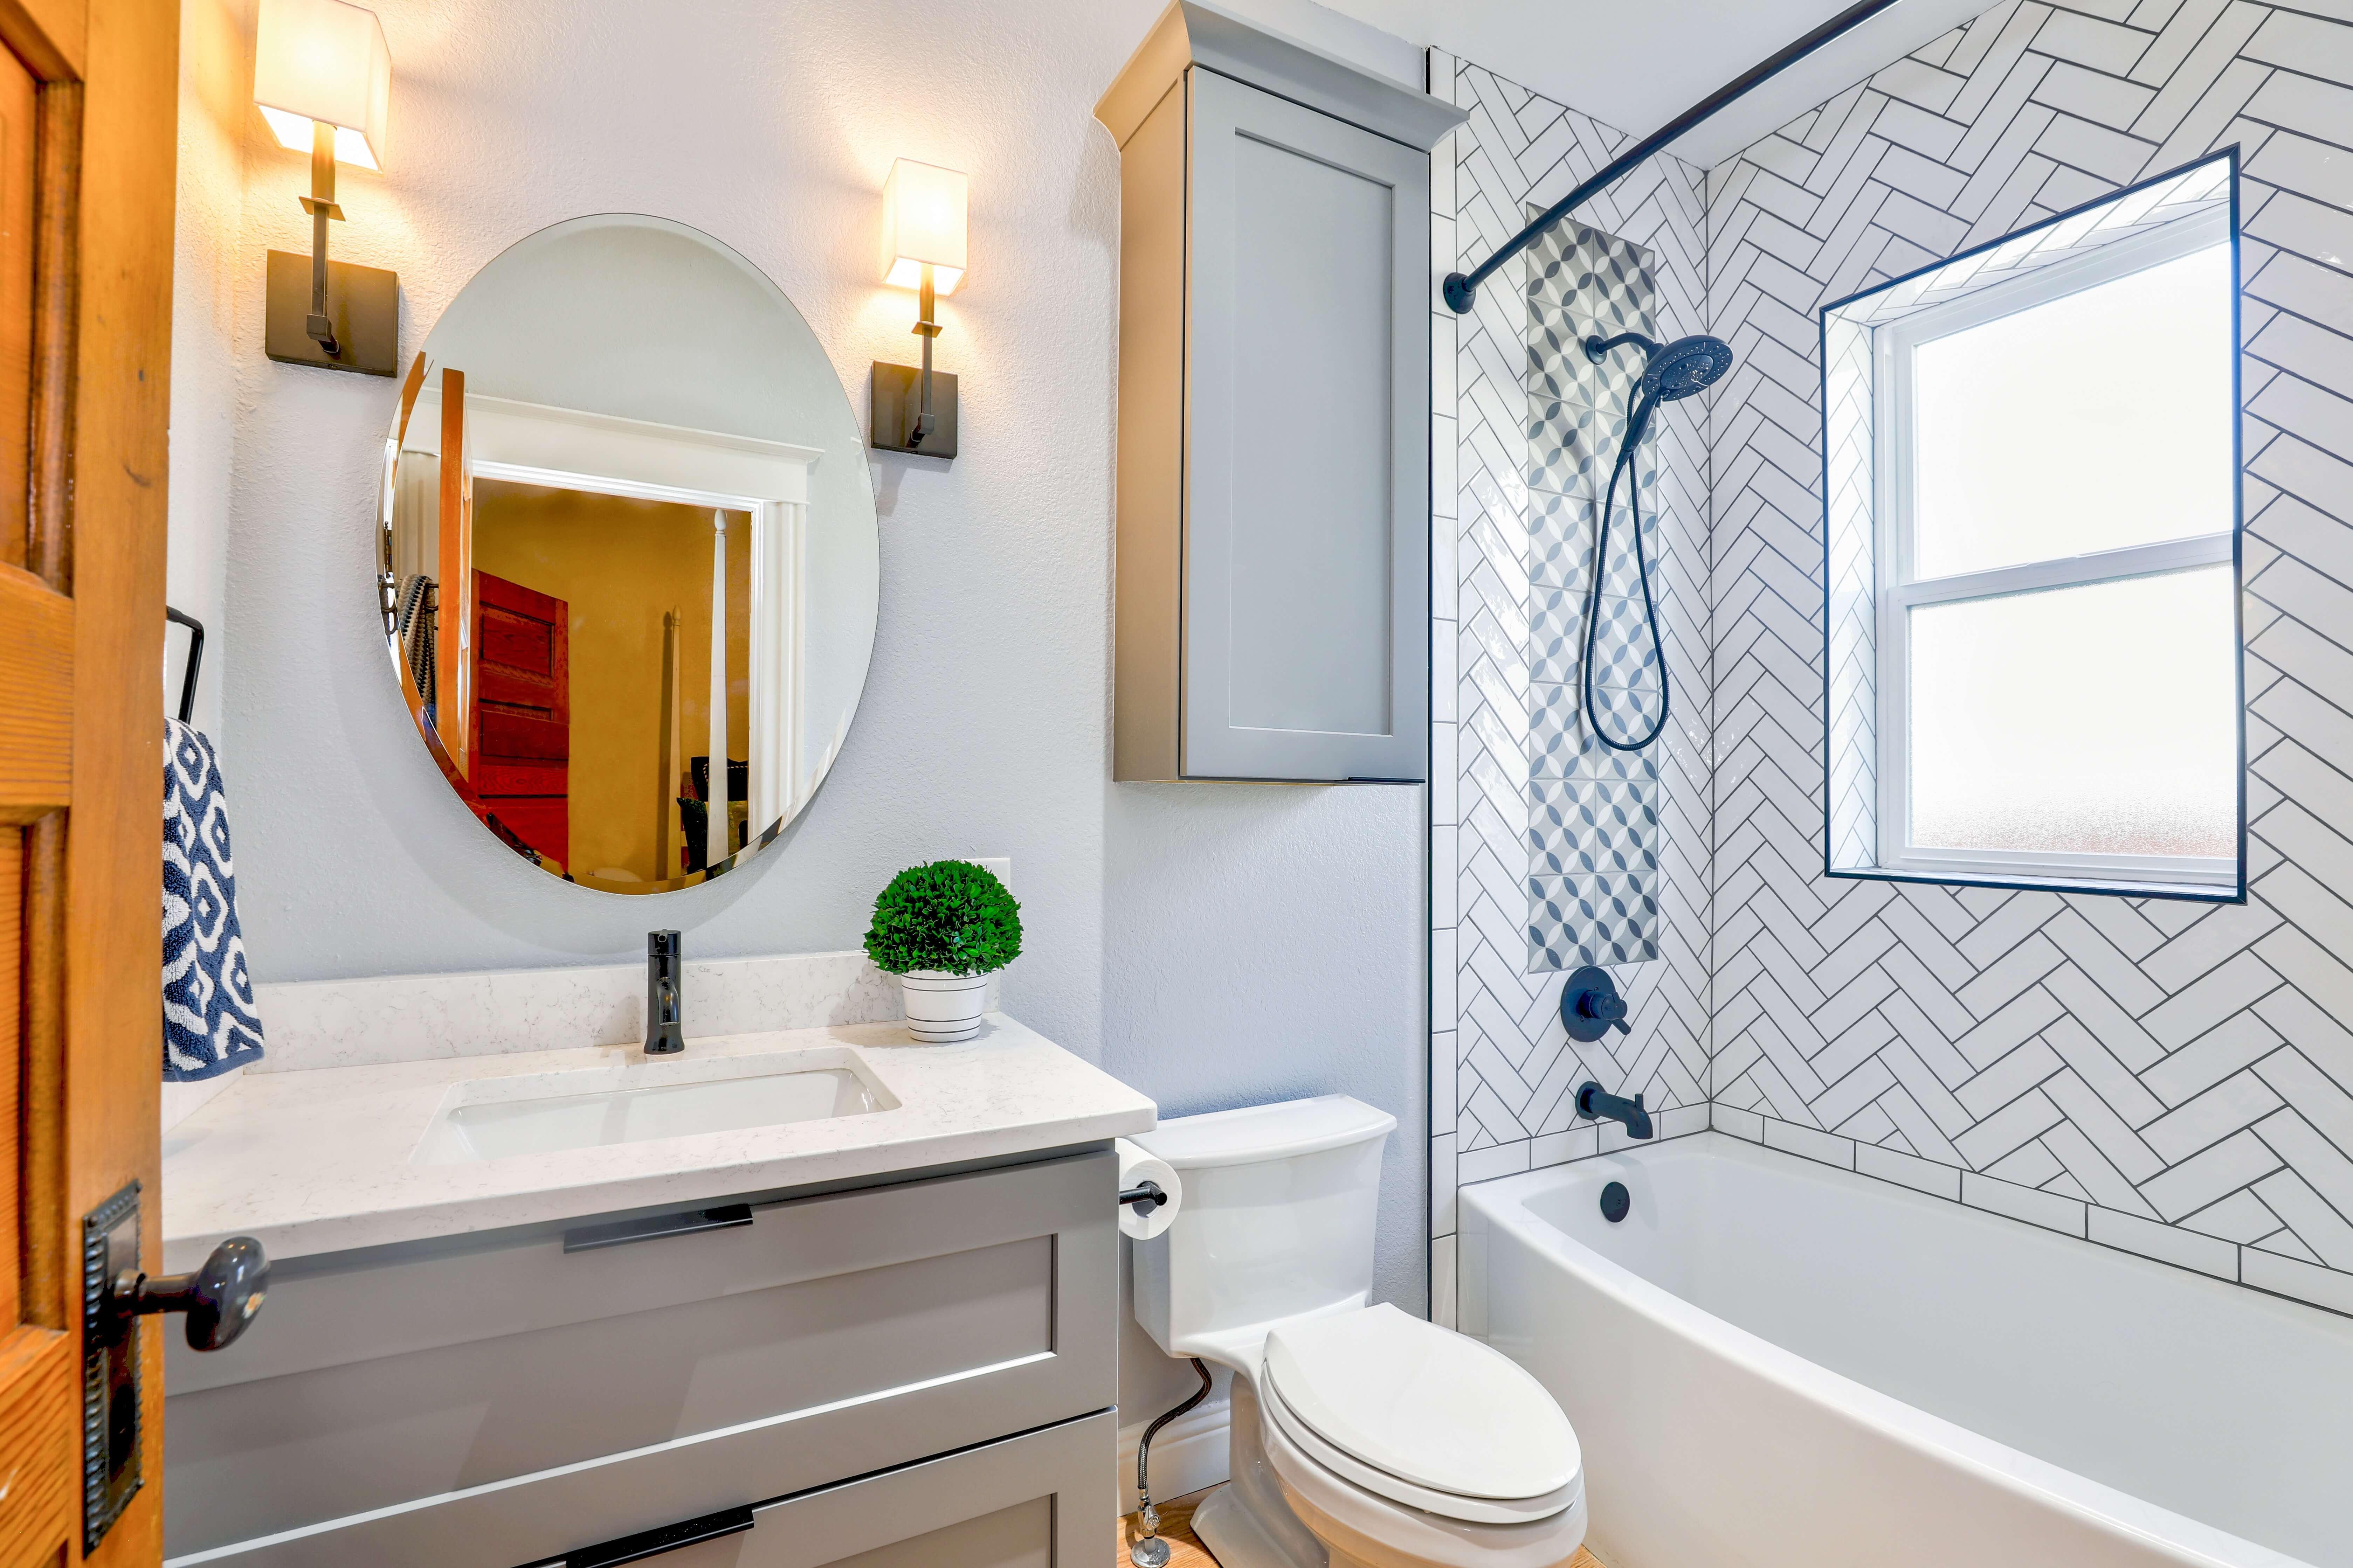 jakie sprzęty do łazienki wybrać?